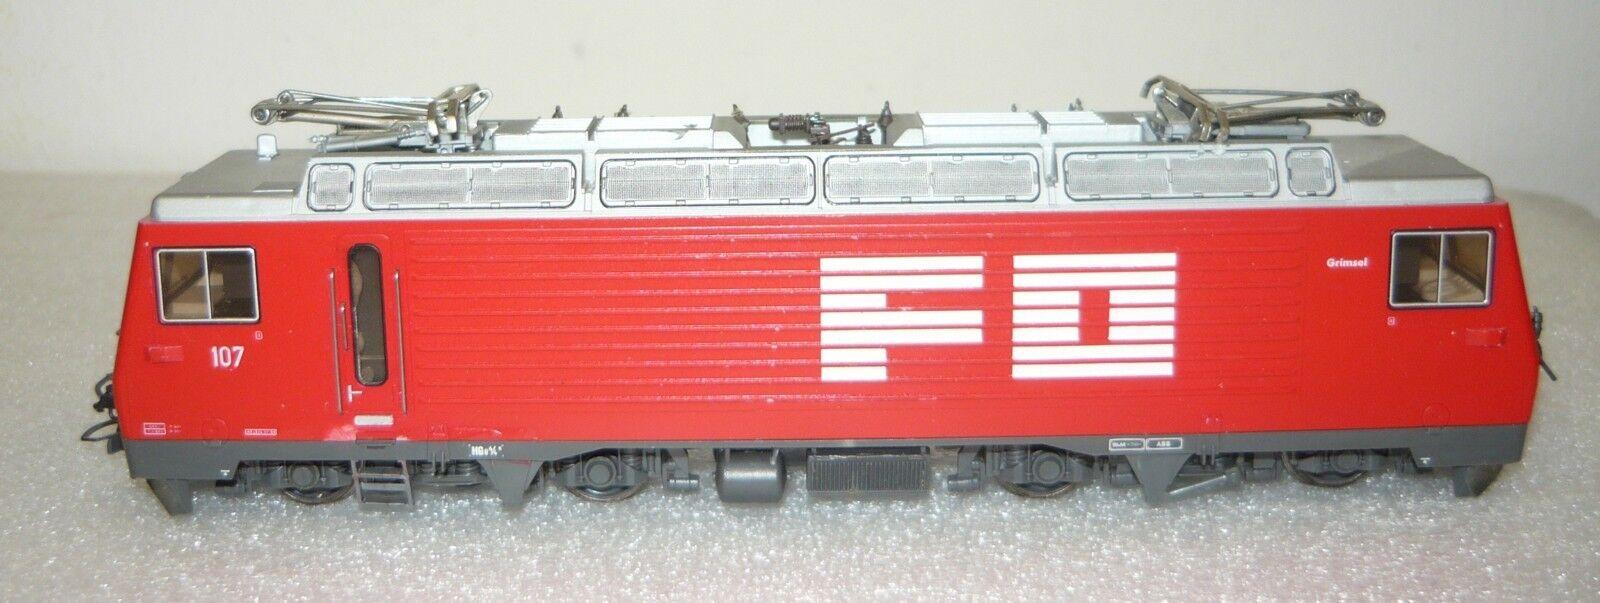 BEMO (1262207), ELLOK H GE 4 4 II  107 della fo,  Grimsel , h0e, usati & senza imbtuttiaggio originale